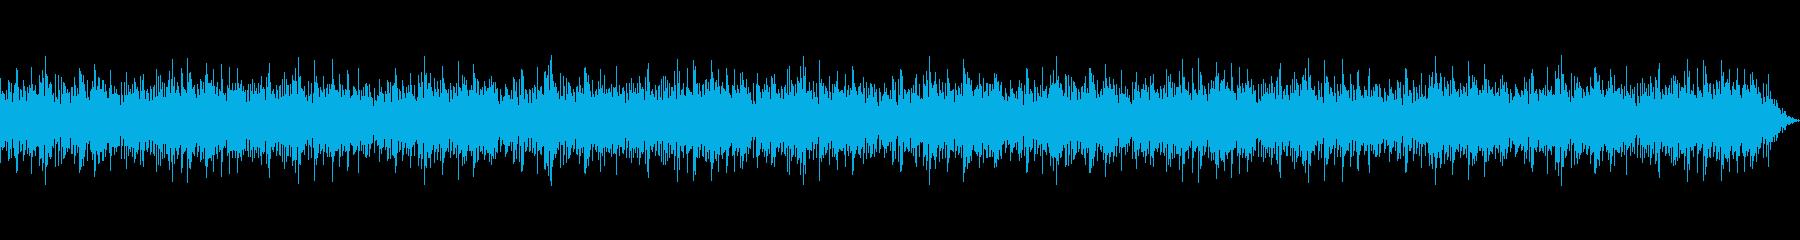 物語のハッピーエンドと共に 優しいアコギの再生済みの波形